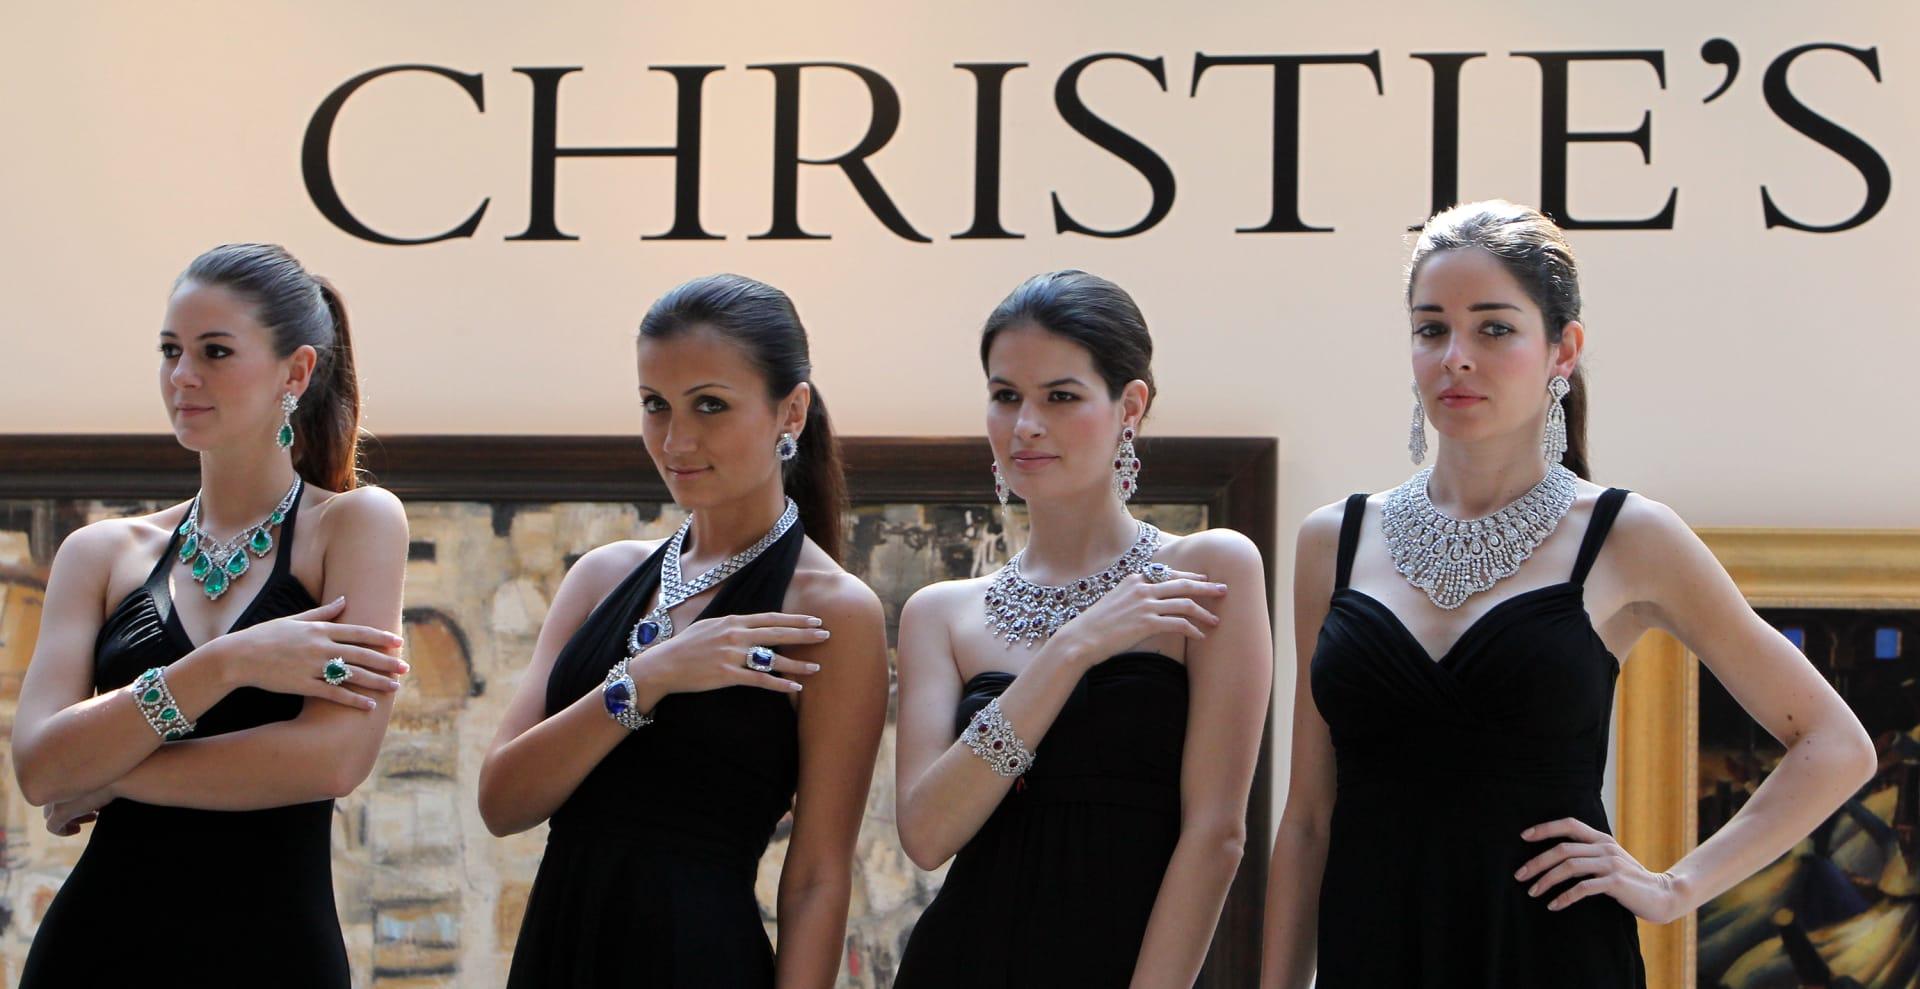 من مجوهرات إلى موروثات عائلية.. هنا يحتفظ أثرياء دبي بمقتنياتهم الثمينة